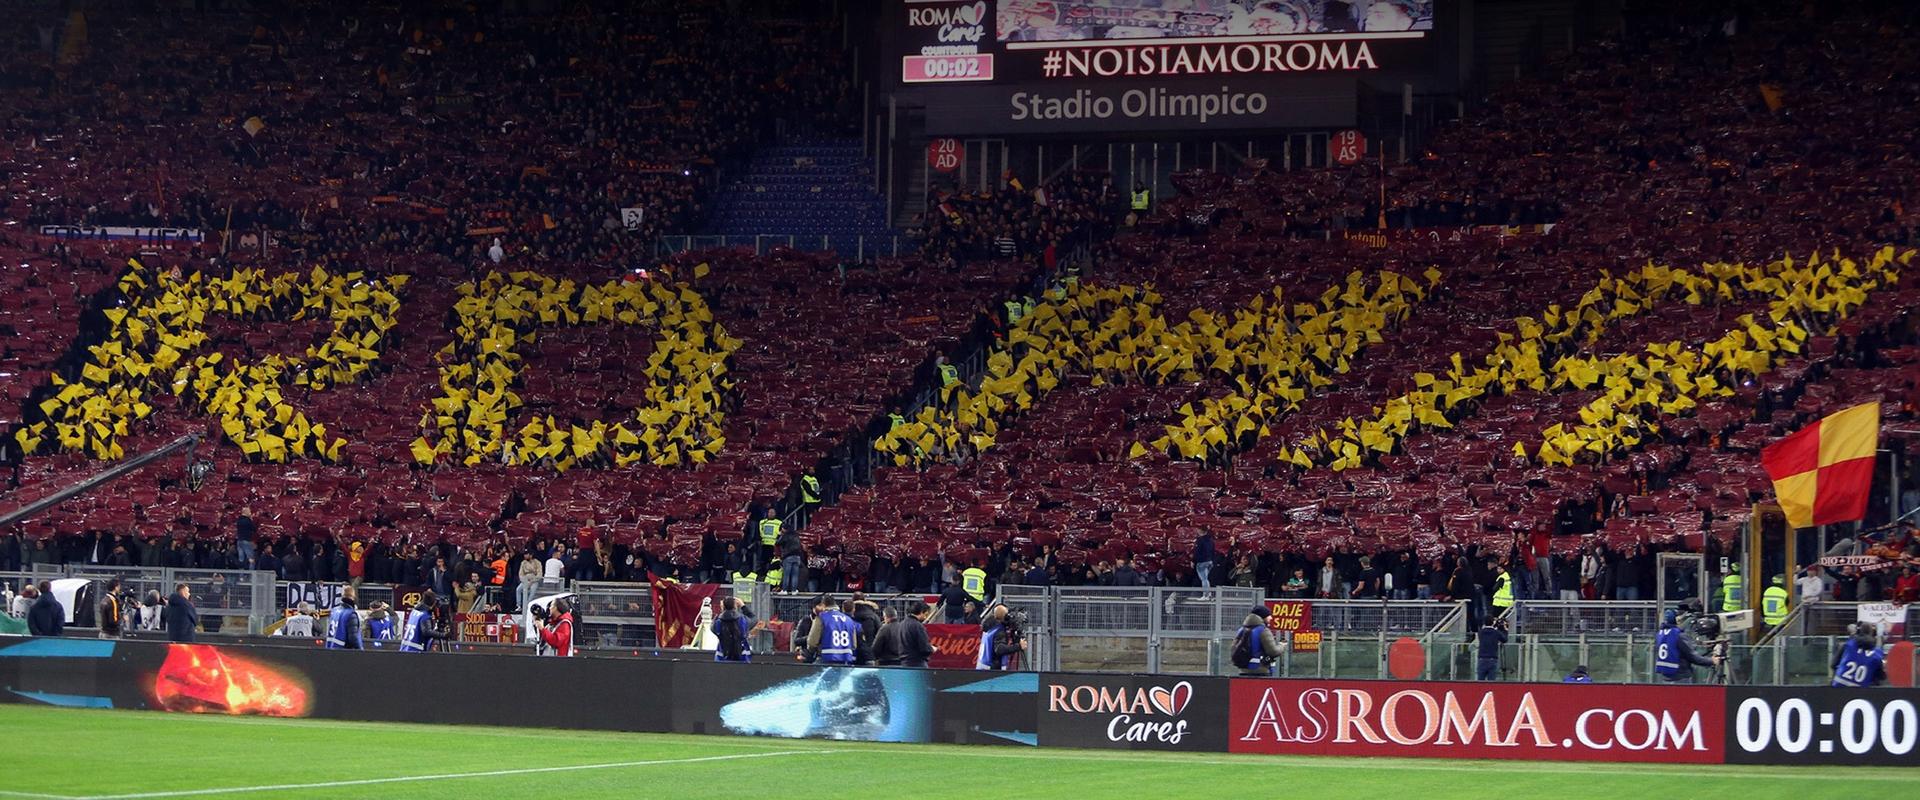 sport digital transformation as roma